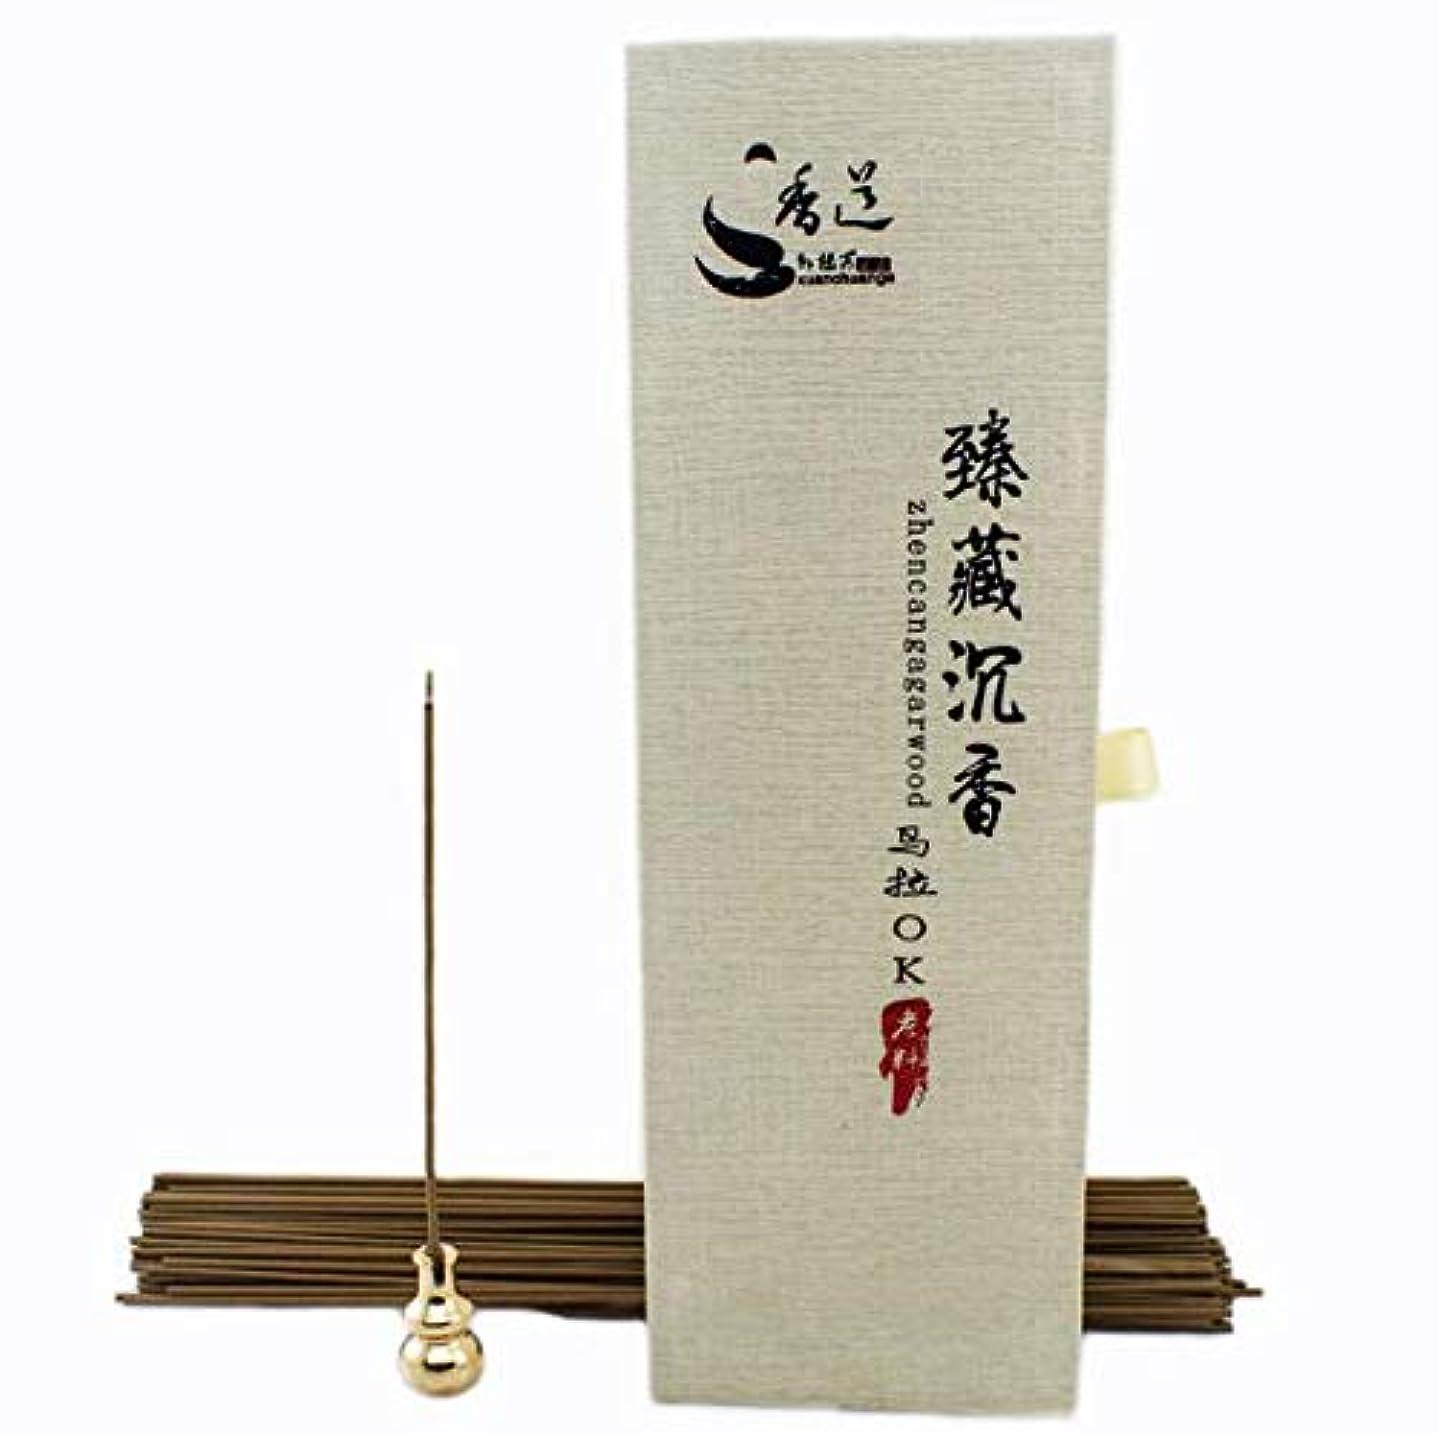 お香のサポート、銅の香バーナー、風水の装飾、オフィステーブルのための中空牡丹レリーフ、ホームデコ,Incense*2B